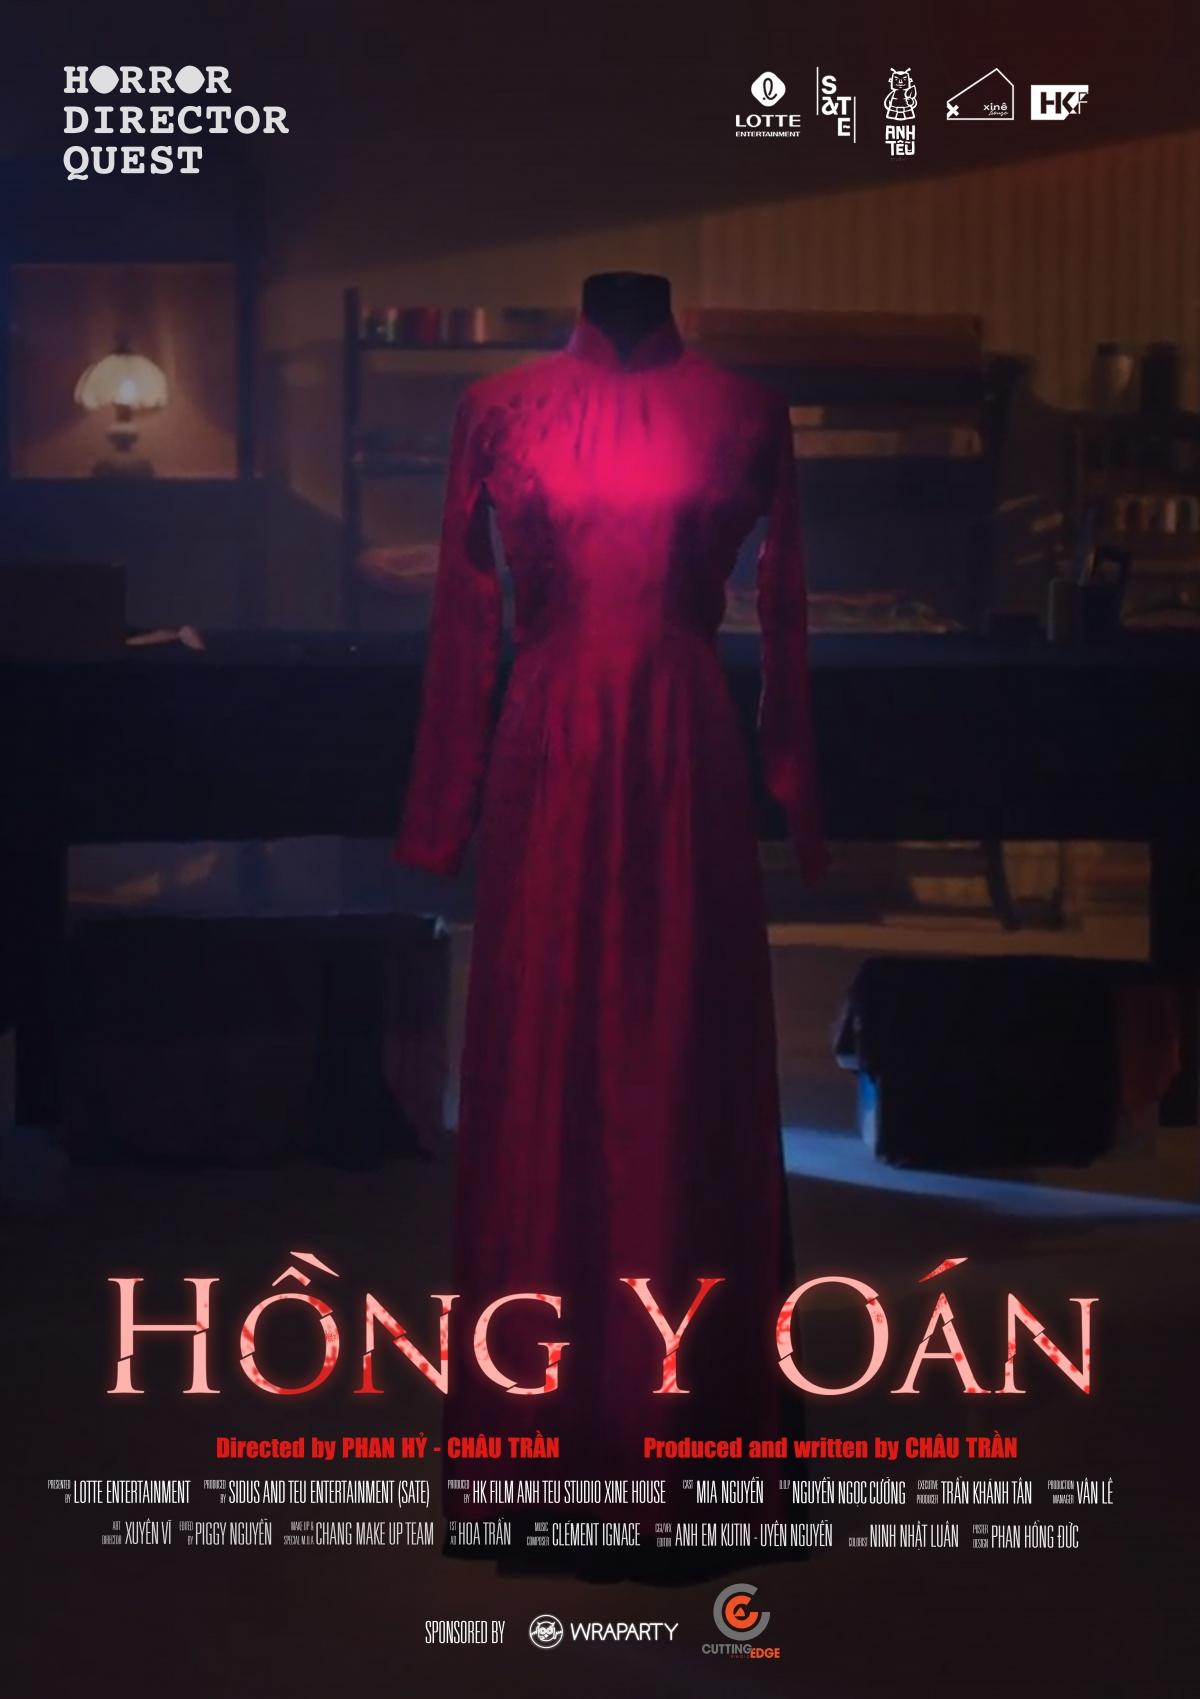 Hồng y oán - bộ đôiđạo diễn Châu Trần và Phan Hỷ.